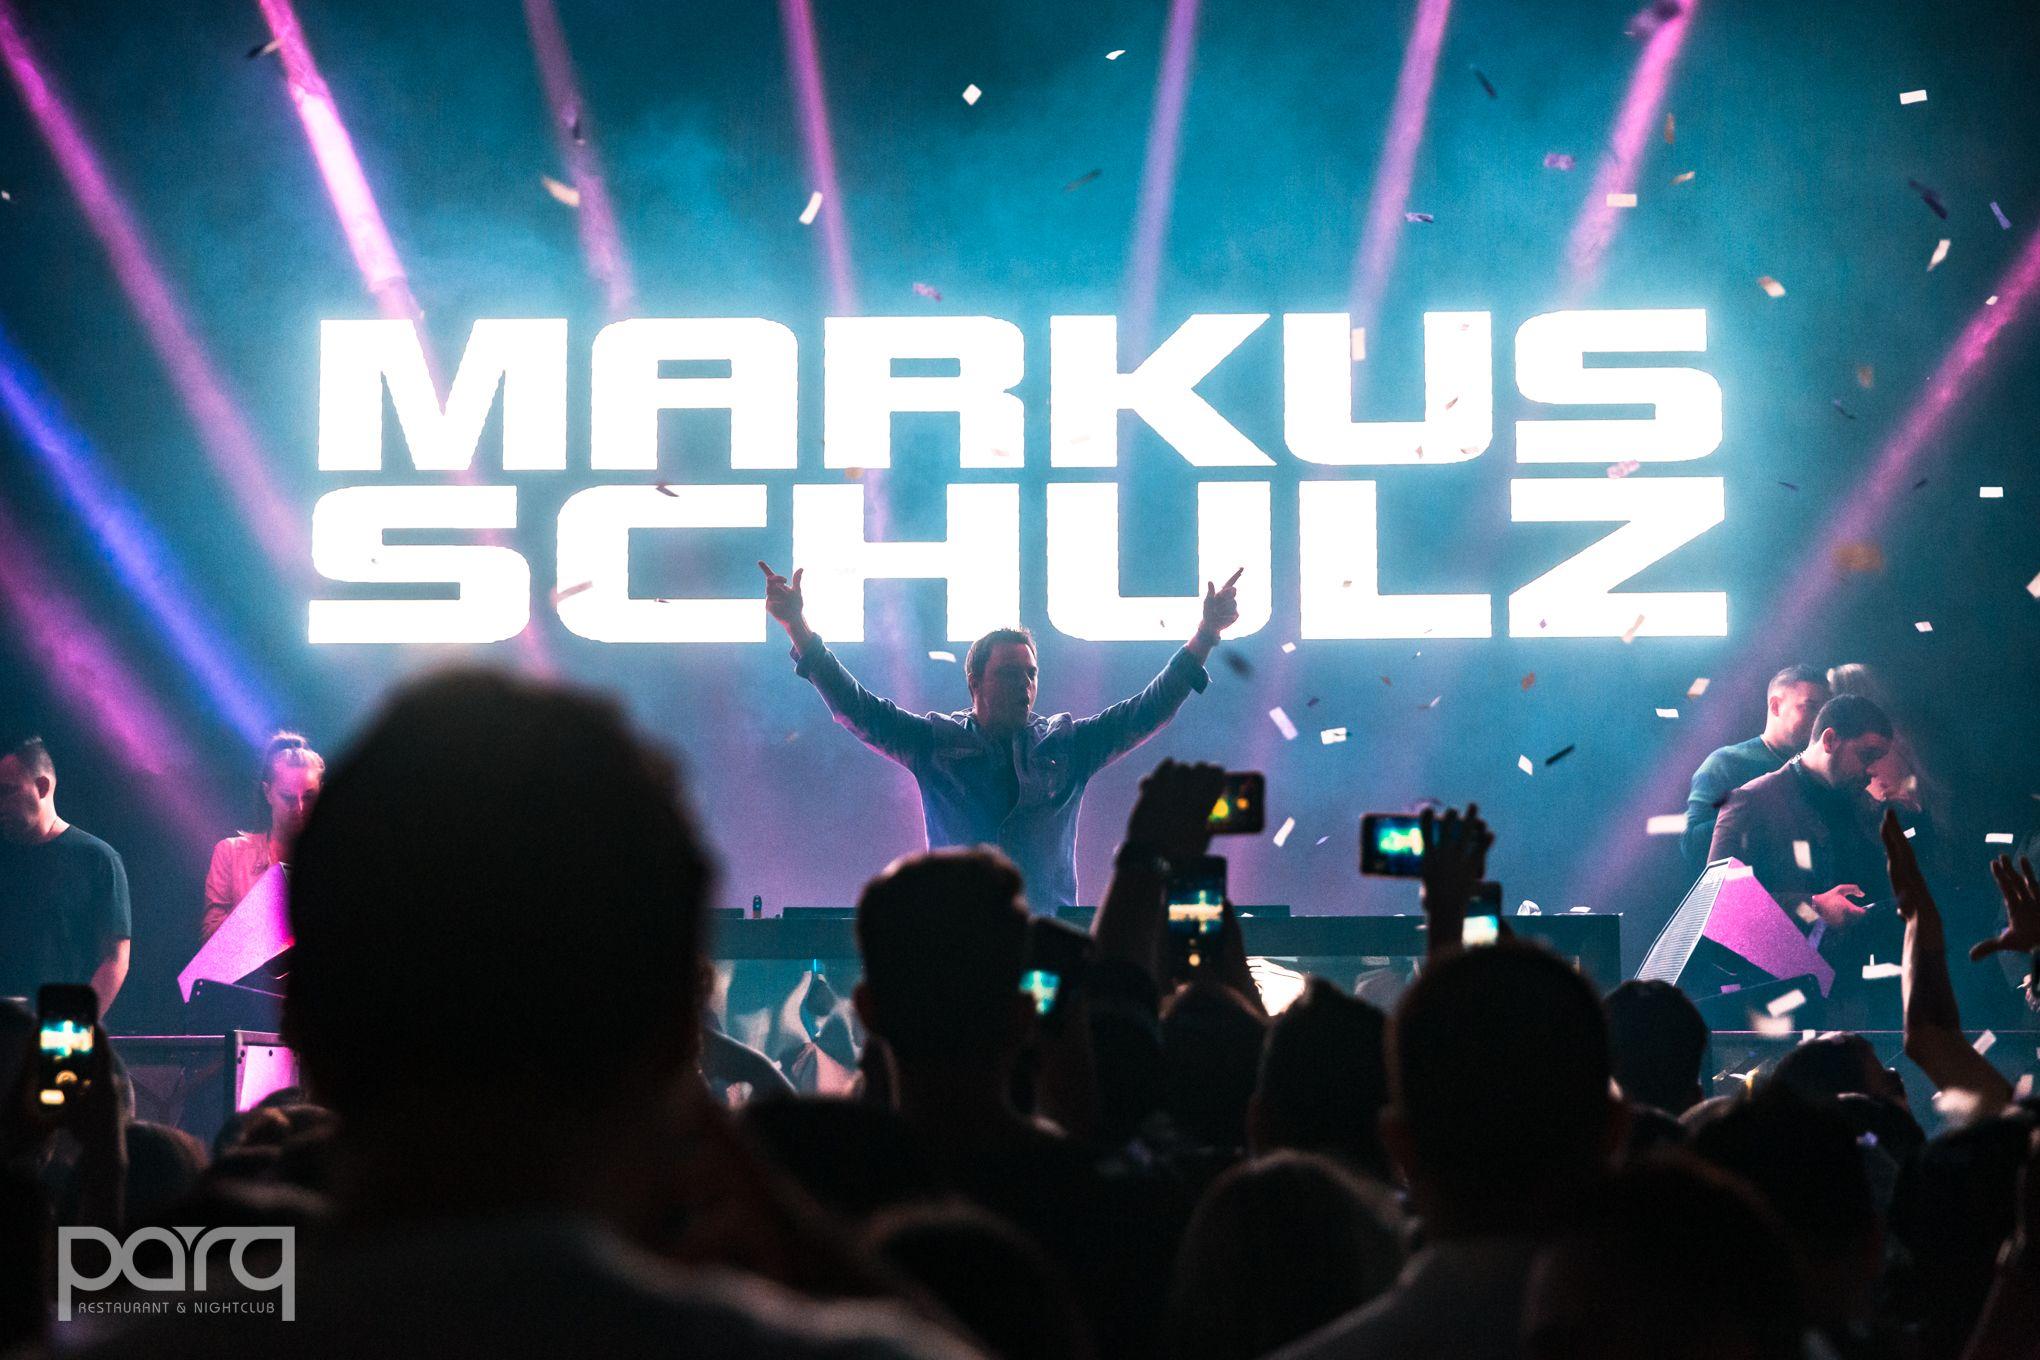 06.15.19 Parq - Markus Schulz-1.jpg